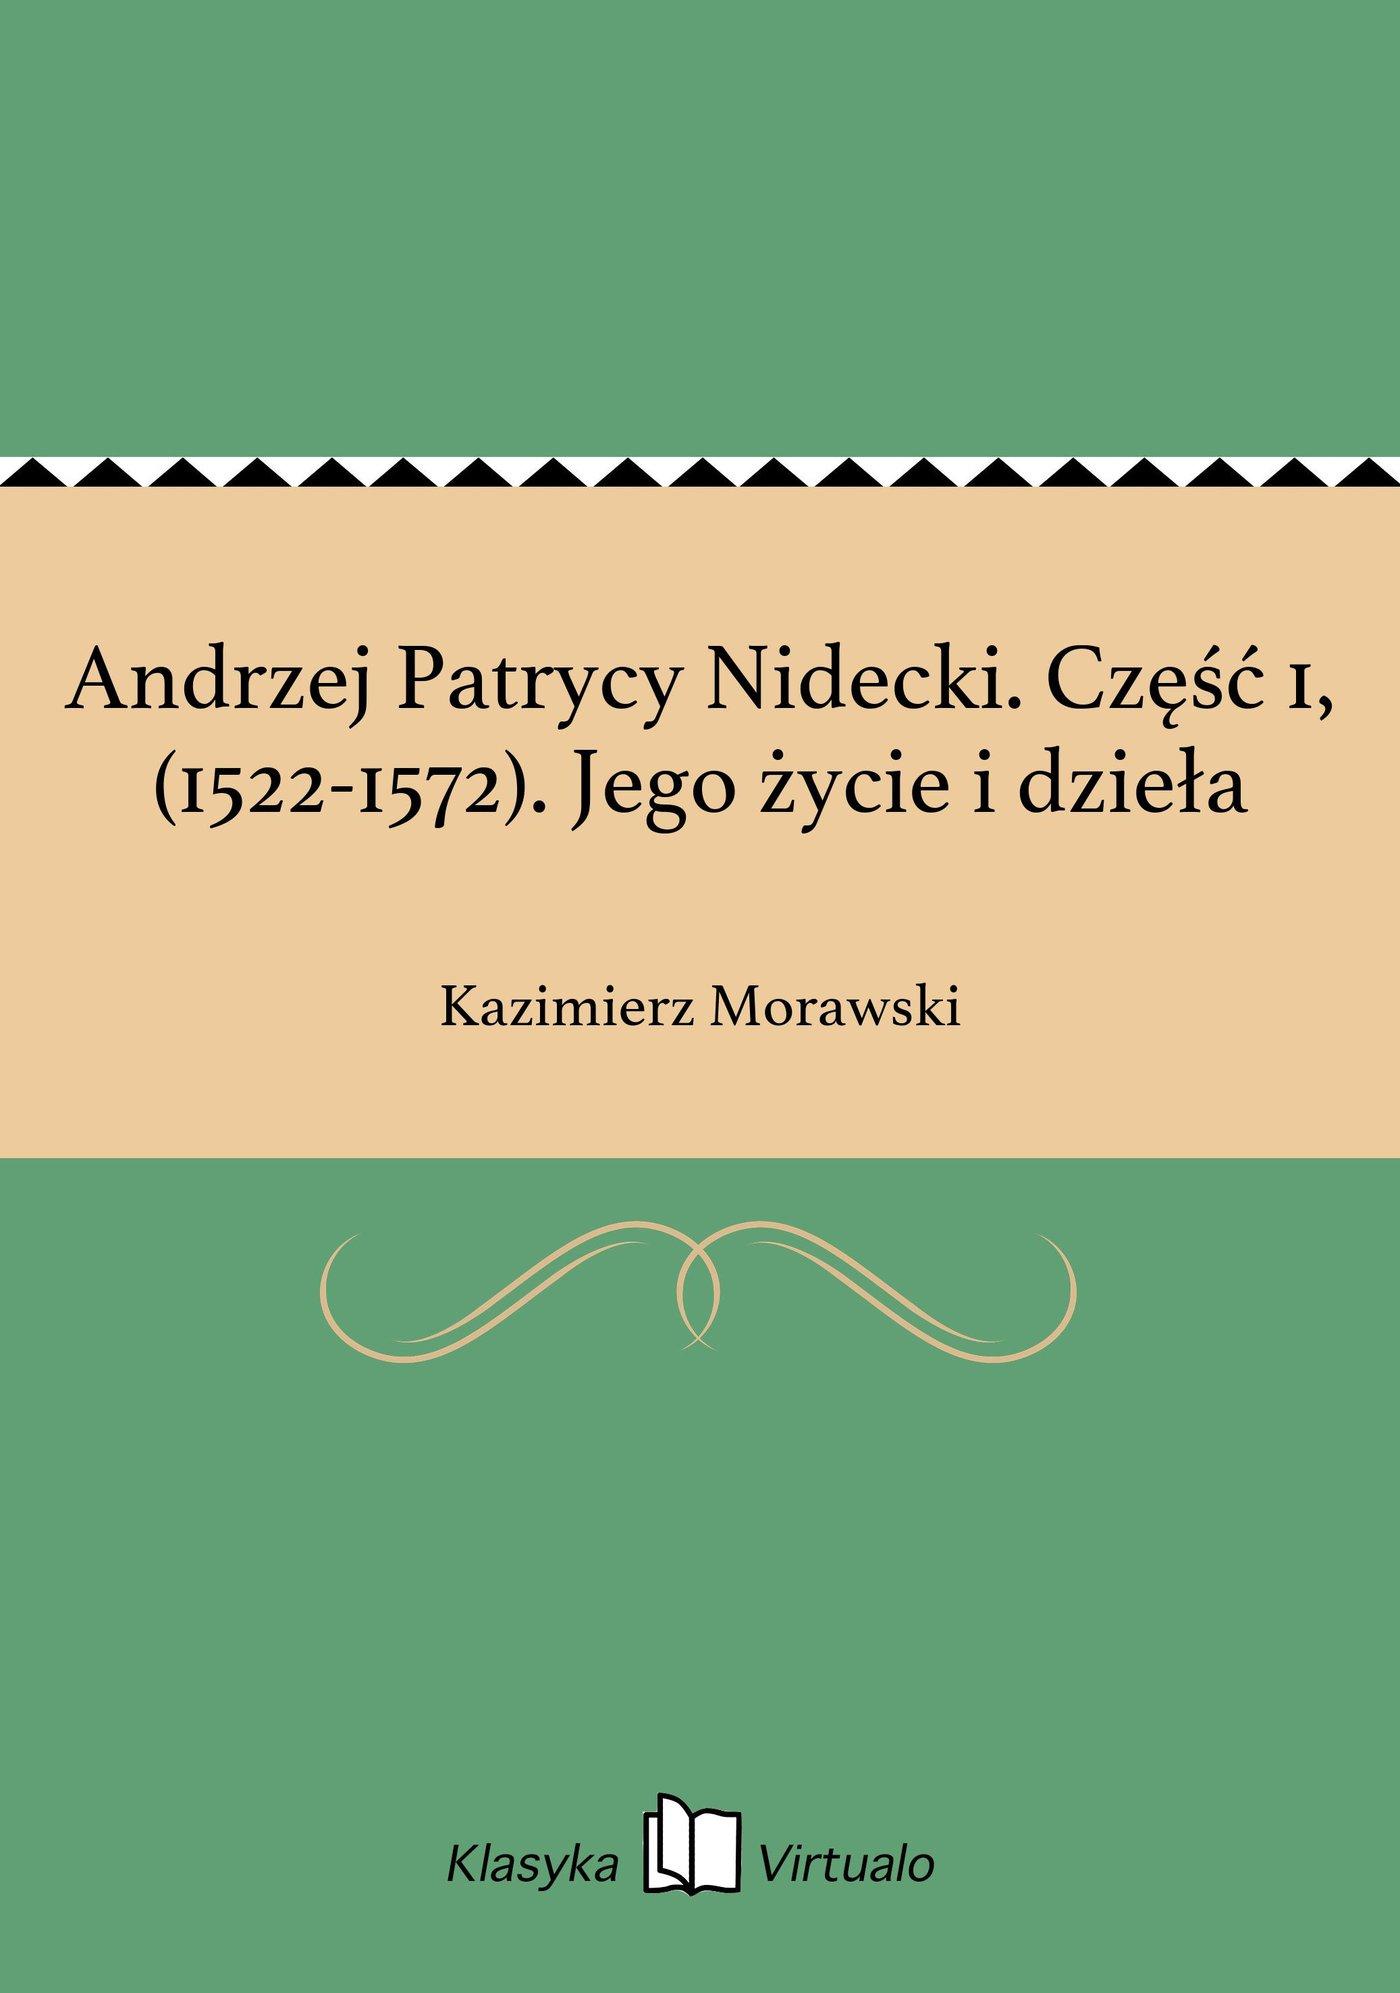 Andrzej Patrycy Nidecki. Część 1, (1522-1572). Jego życie i dzieła - Ebook (Książka EPUB) do pobrania w formacie EPUB